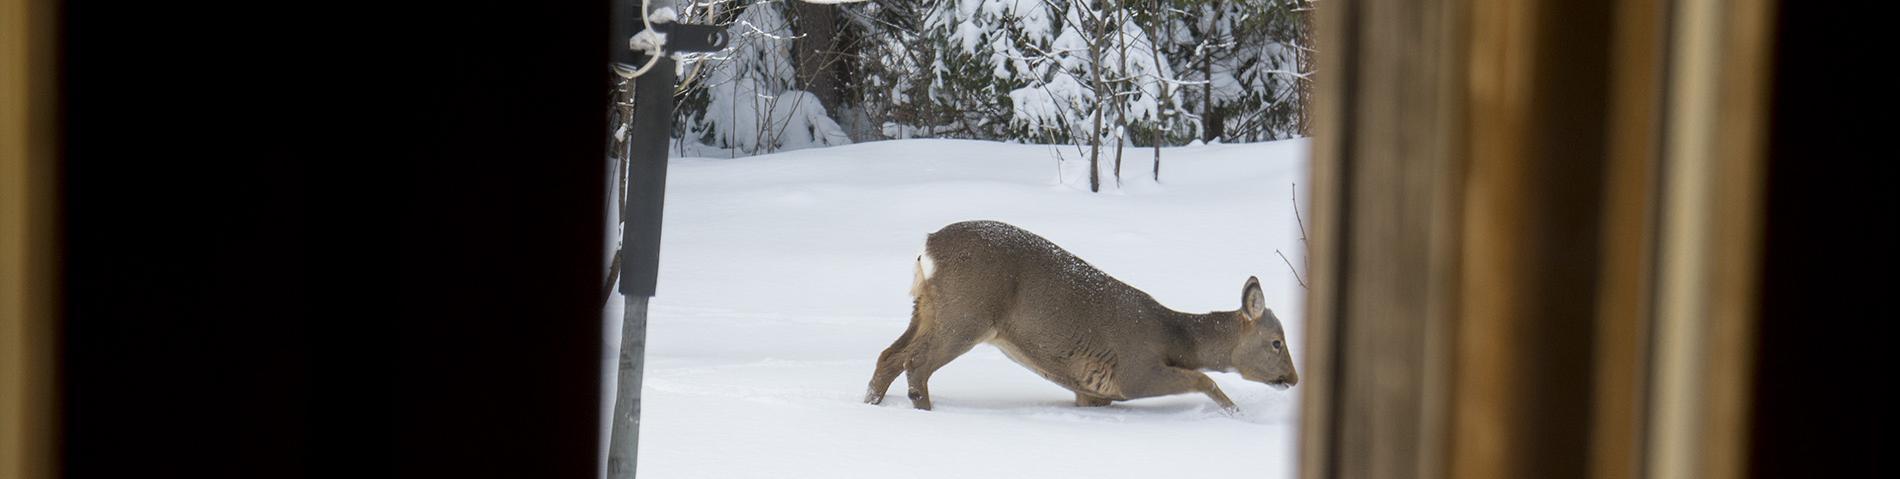 Deer in deep snow